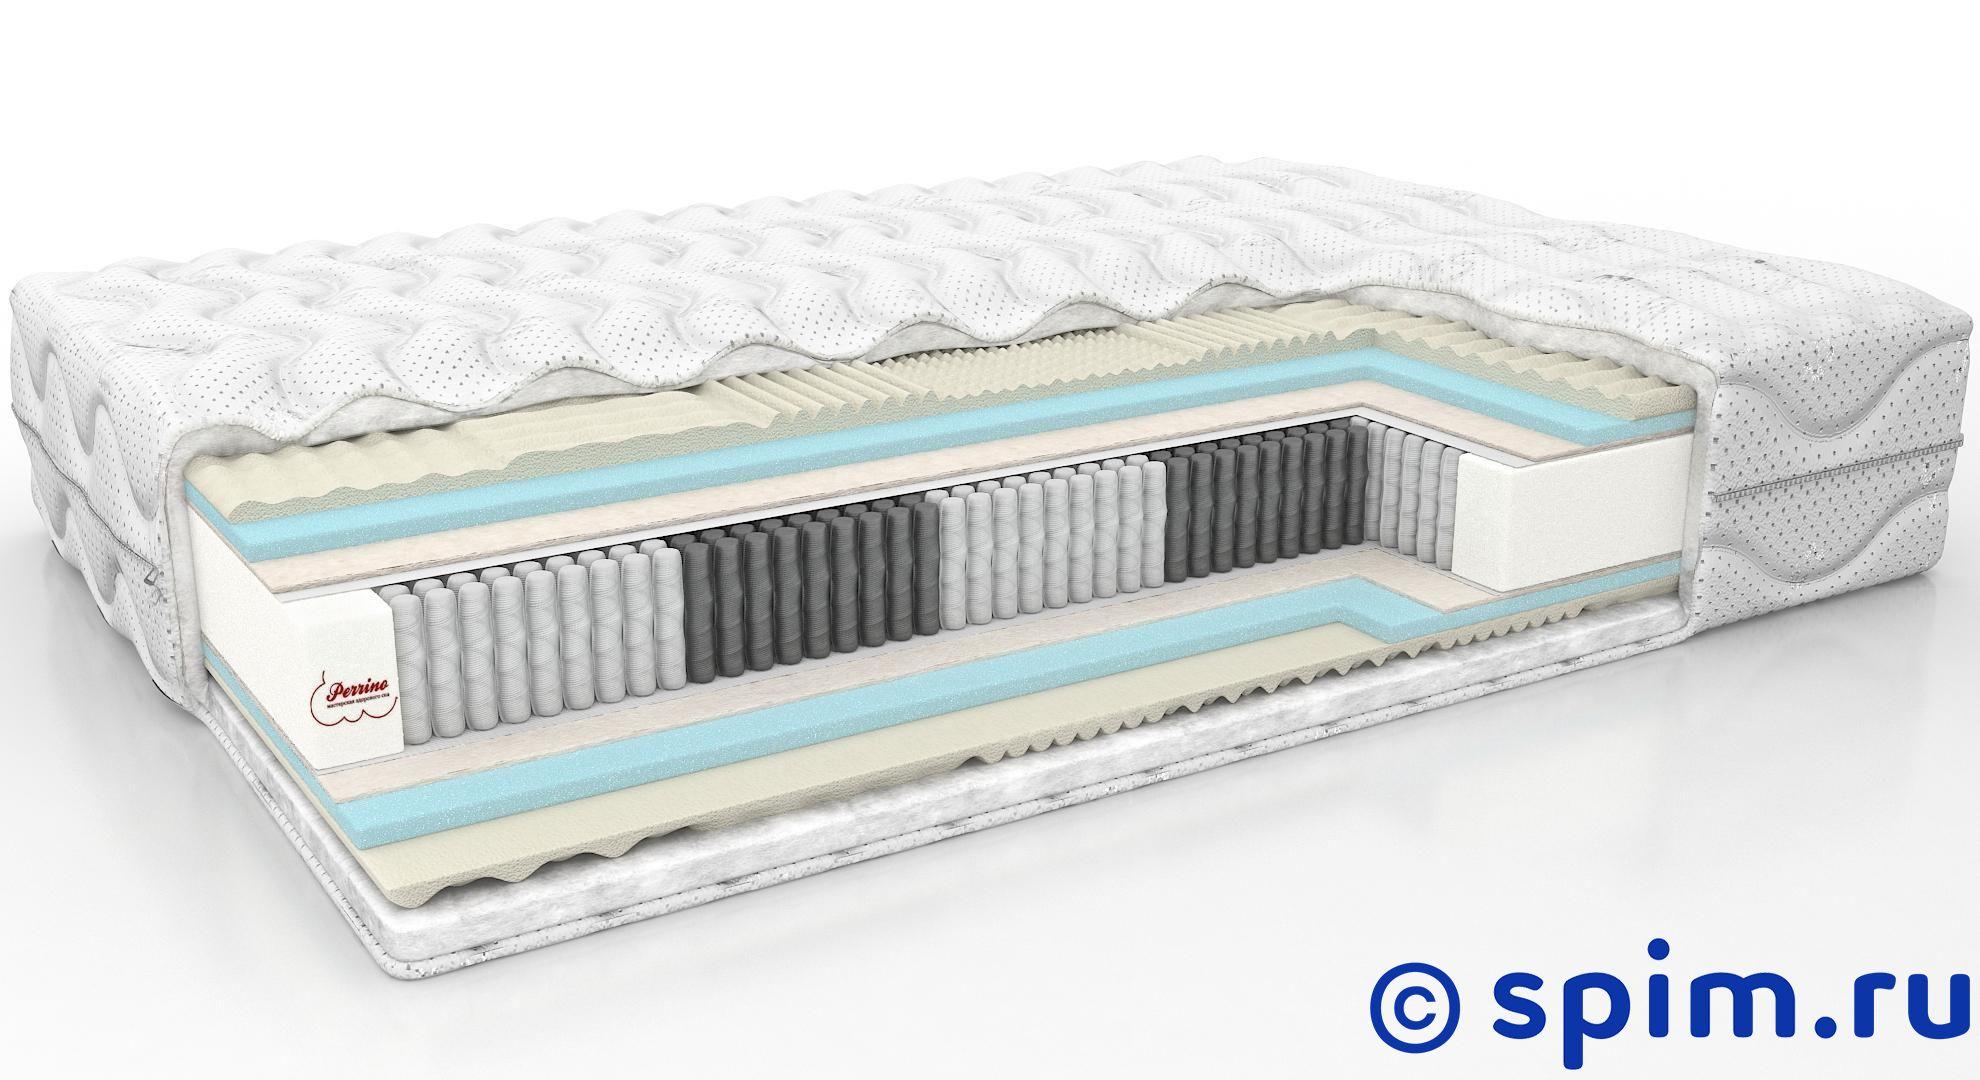 Матрас Perrino Active Harmony 180х200 смПружинные матрасы Perrino Active<br>Цена действительна при покупке наматрасника Perrino Ronda или анатомической подушки Perrino. При покупке матраса без перечисленных аксессуаров а составит 50%.  Матрас средней жесткости на основе блока Touch1000 (500 пружин на м2), с прослойками 7-зонного натурального латекса и пены с угольным фильтром. Съемный чехол из трикотажа. Высота, см: 26. Размер Перрино Актив Гармони двуспальный: 180 x 200 см<br><br>Ширина см: 180<br>Длина см: 200<br>Линейка: Active1